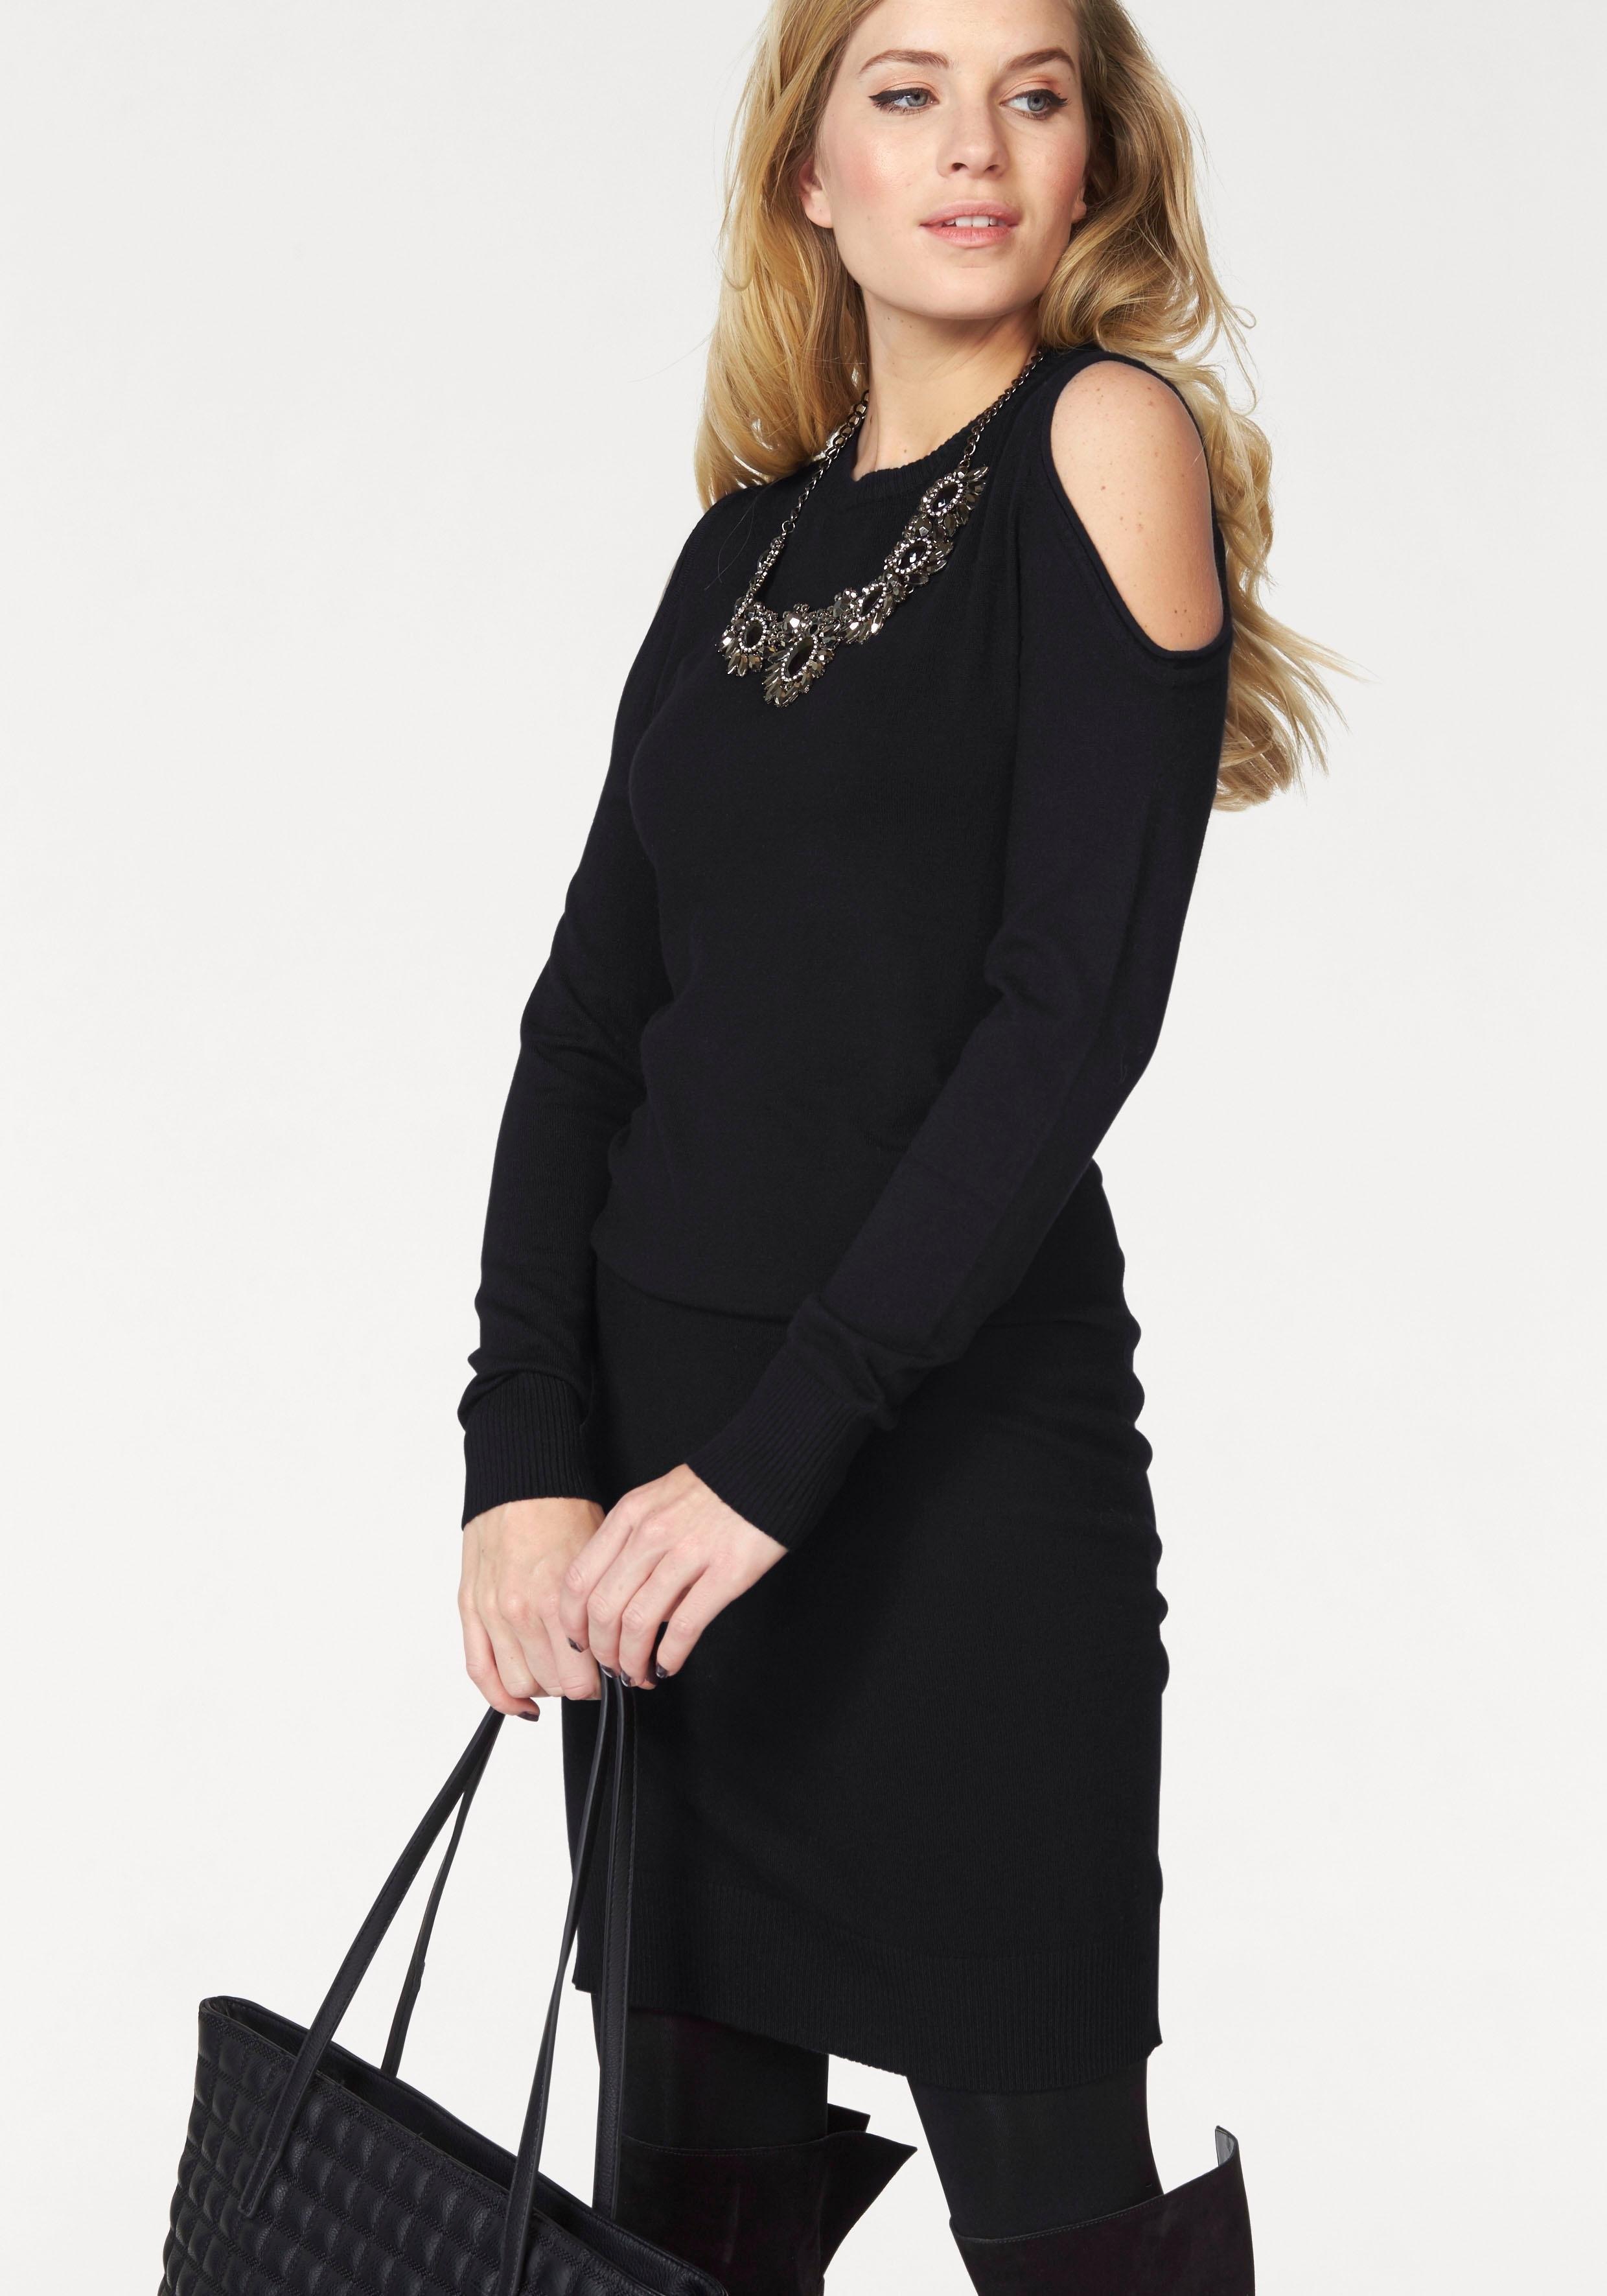 VERO MODA tricotjurk »SAMANTHA« bij OTTO online kopen